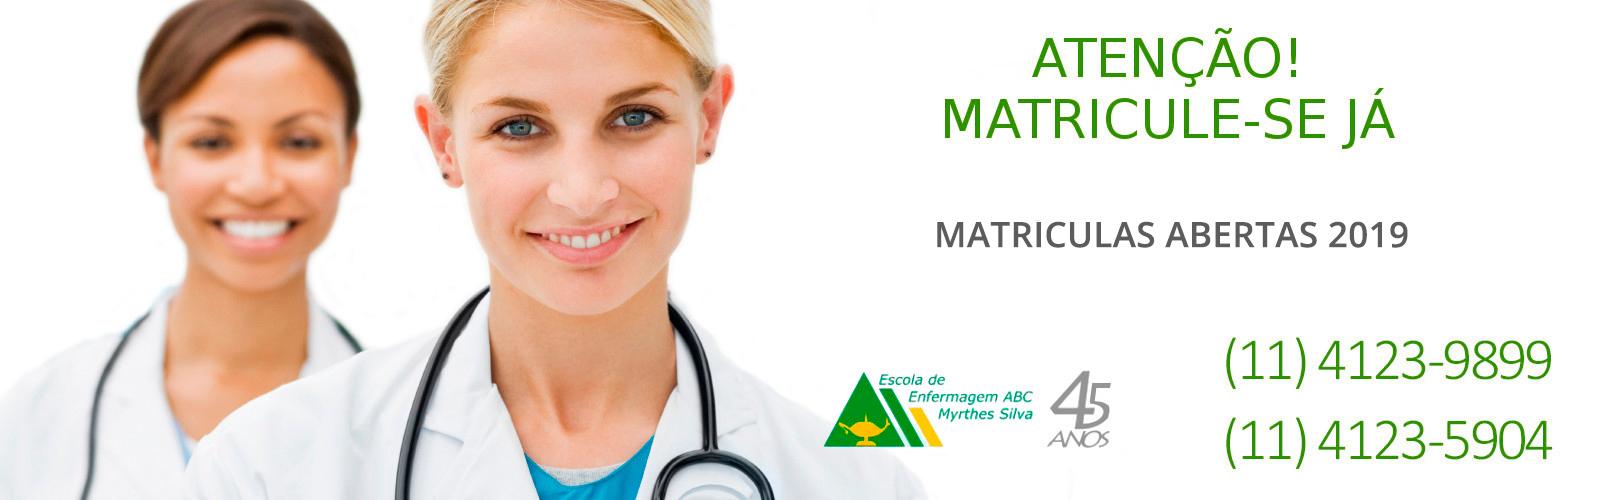 Matrículas abertas curso de enfermagem 2019